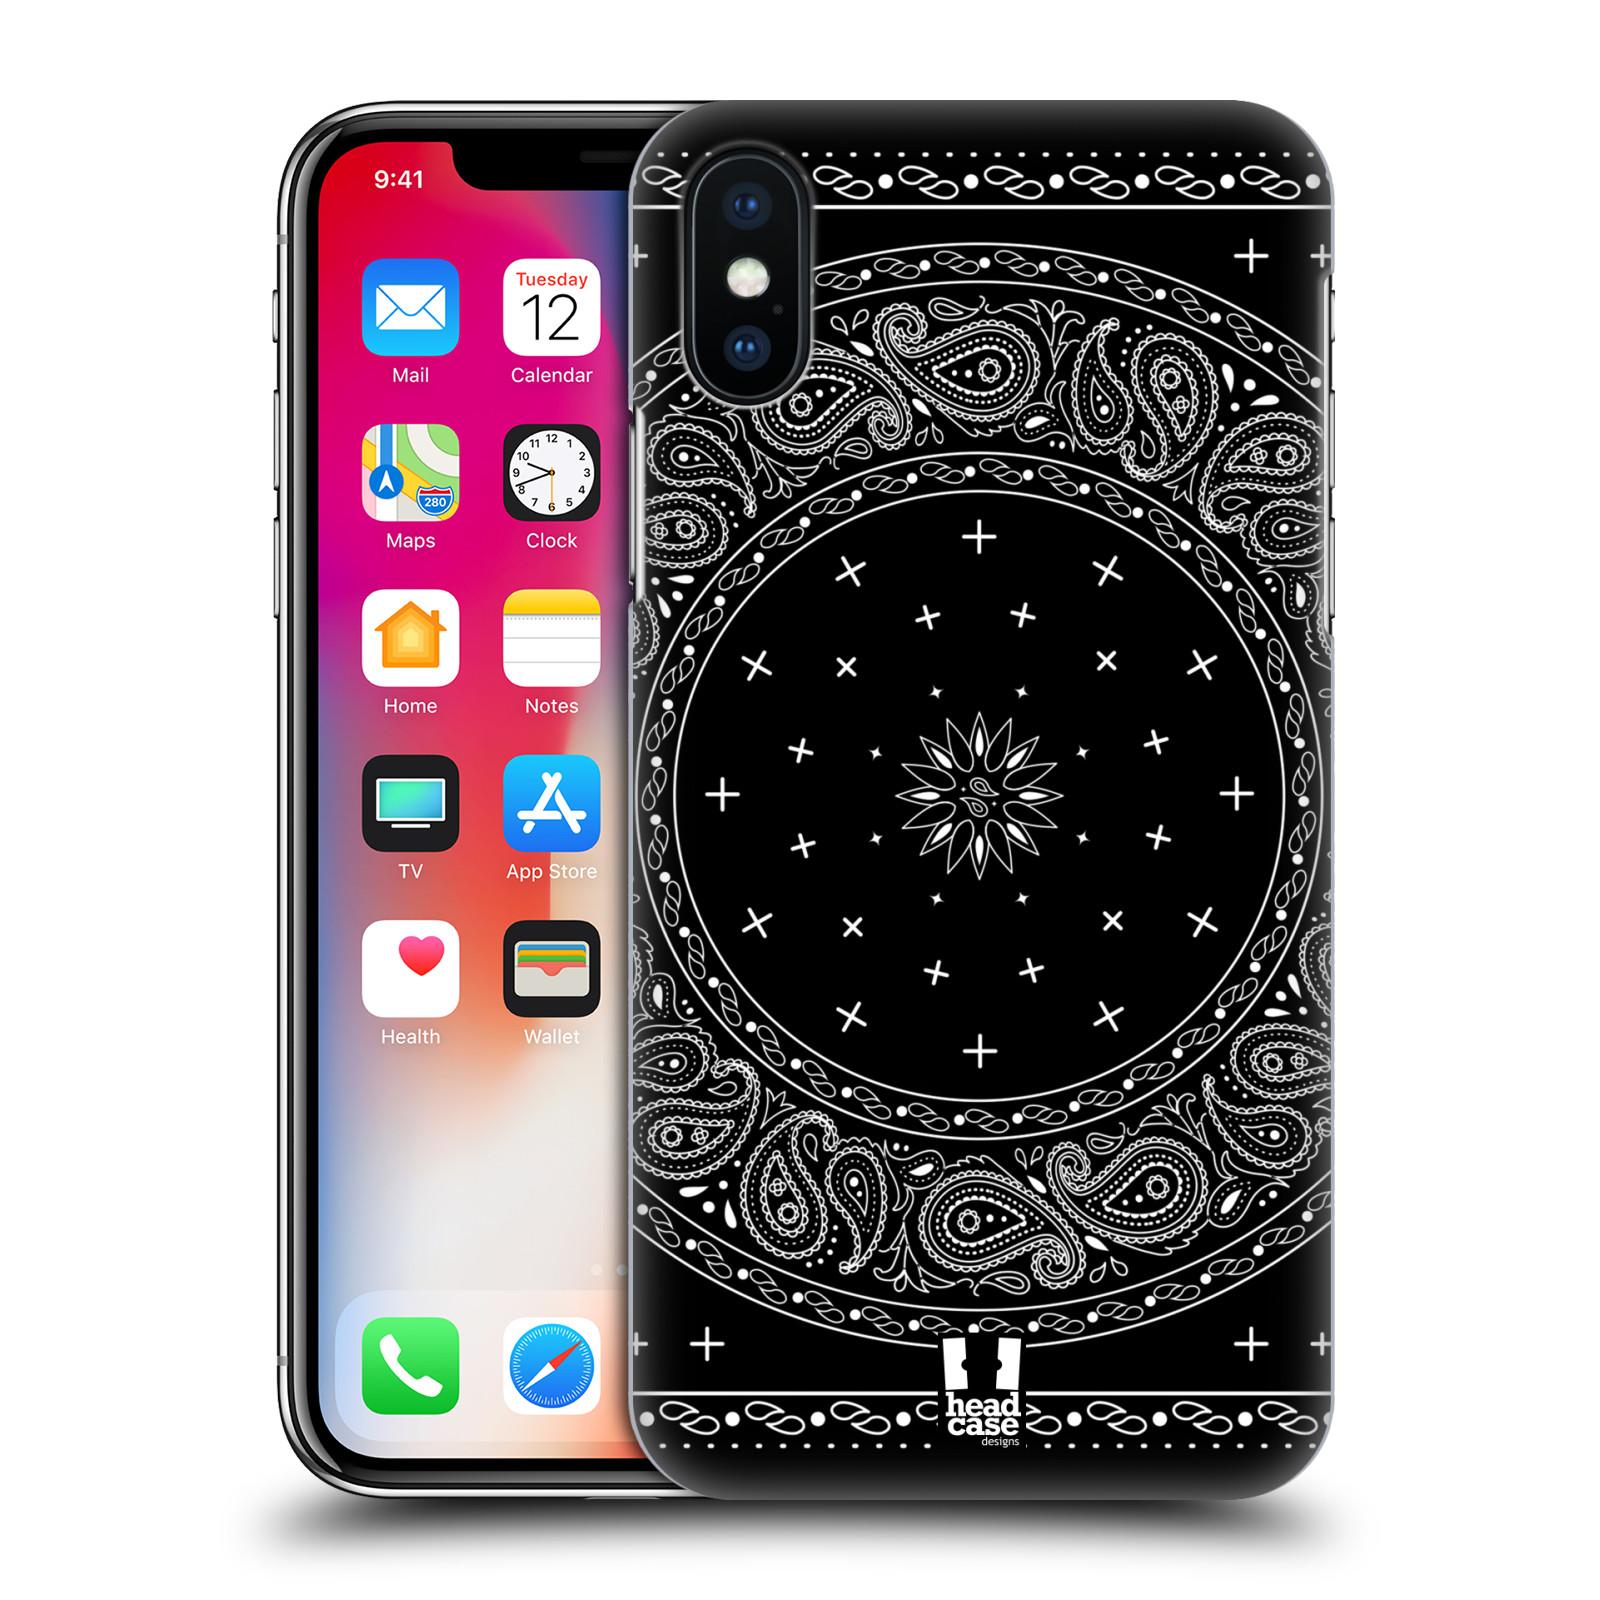 HEAD-CASE-DESIGNS-BANDANA-CACHEMIRE-CLASSIQUE-ETUI-COQUE-POUR-APPLE-iPHONE-X